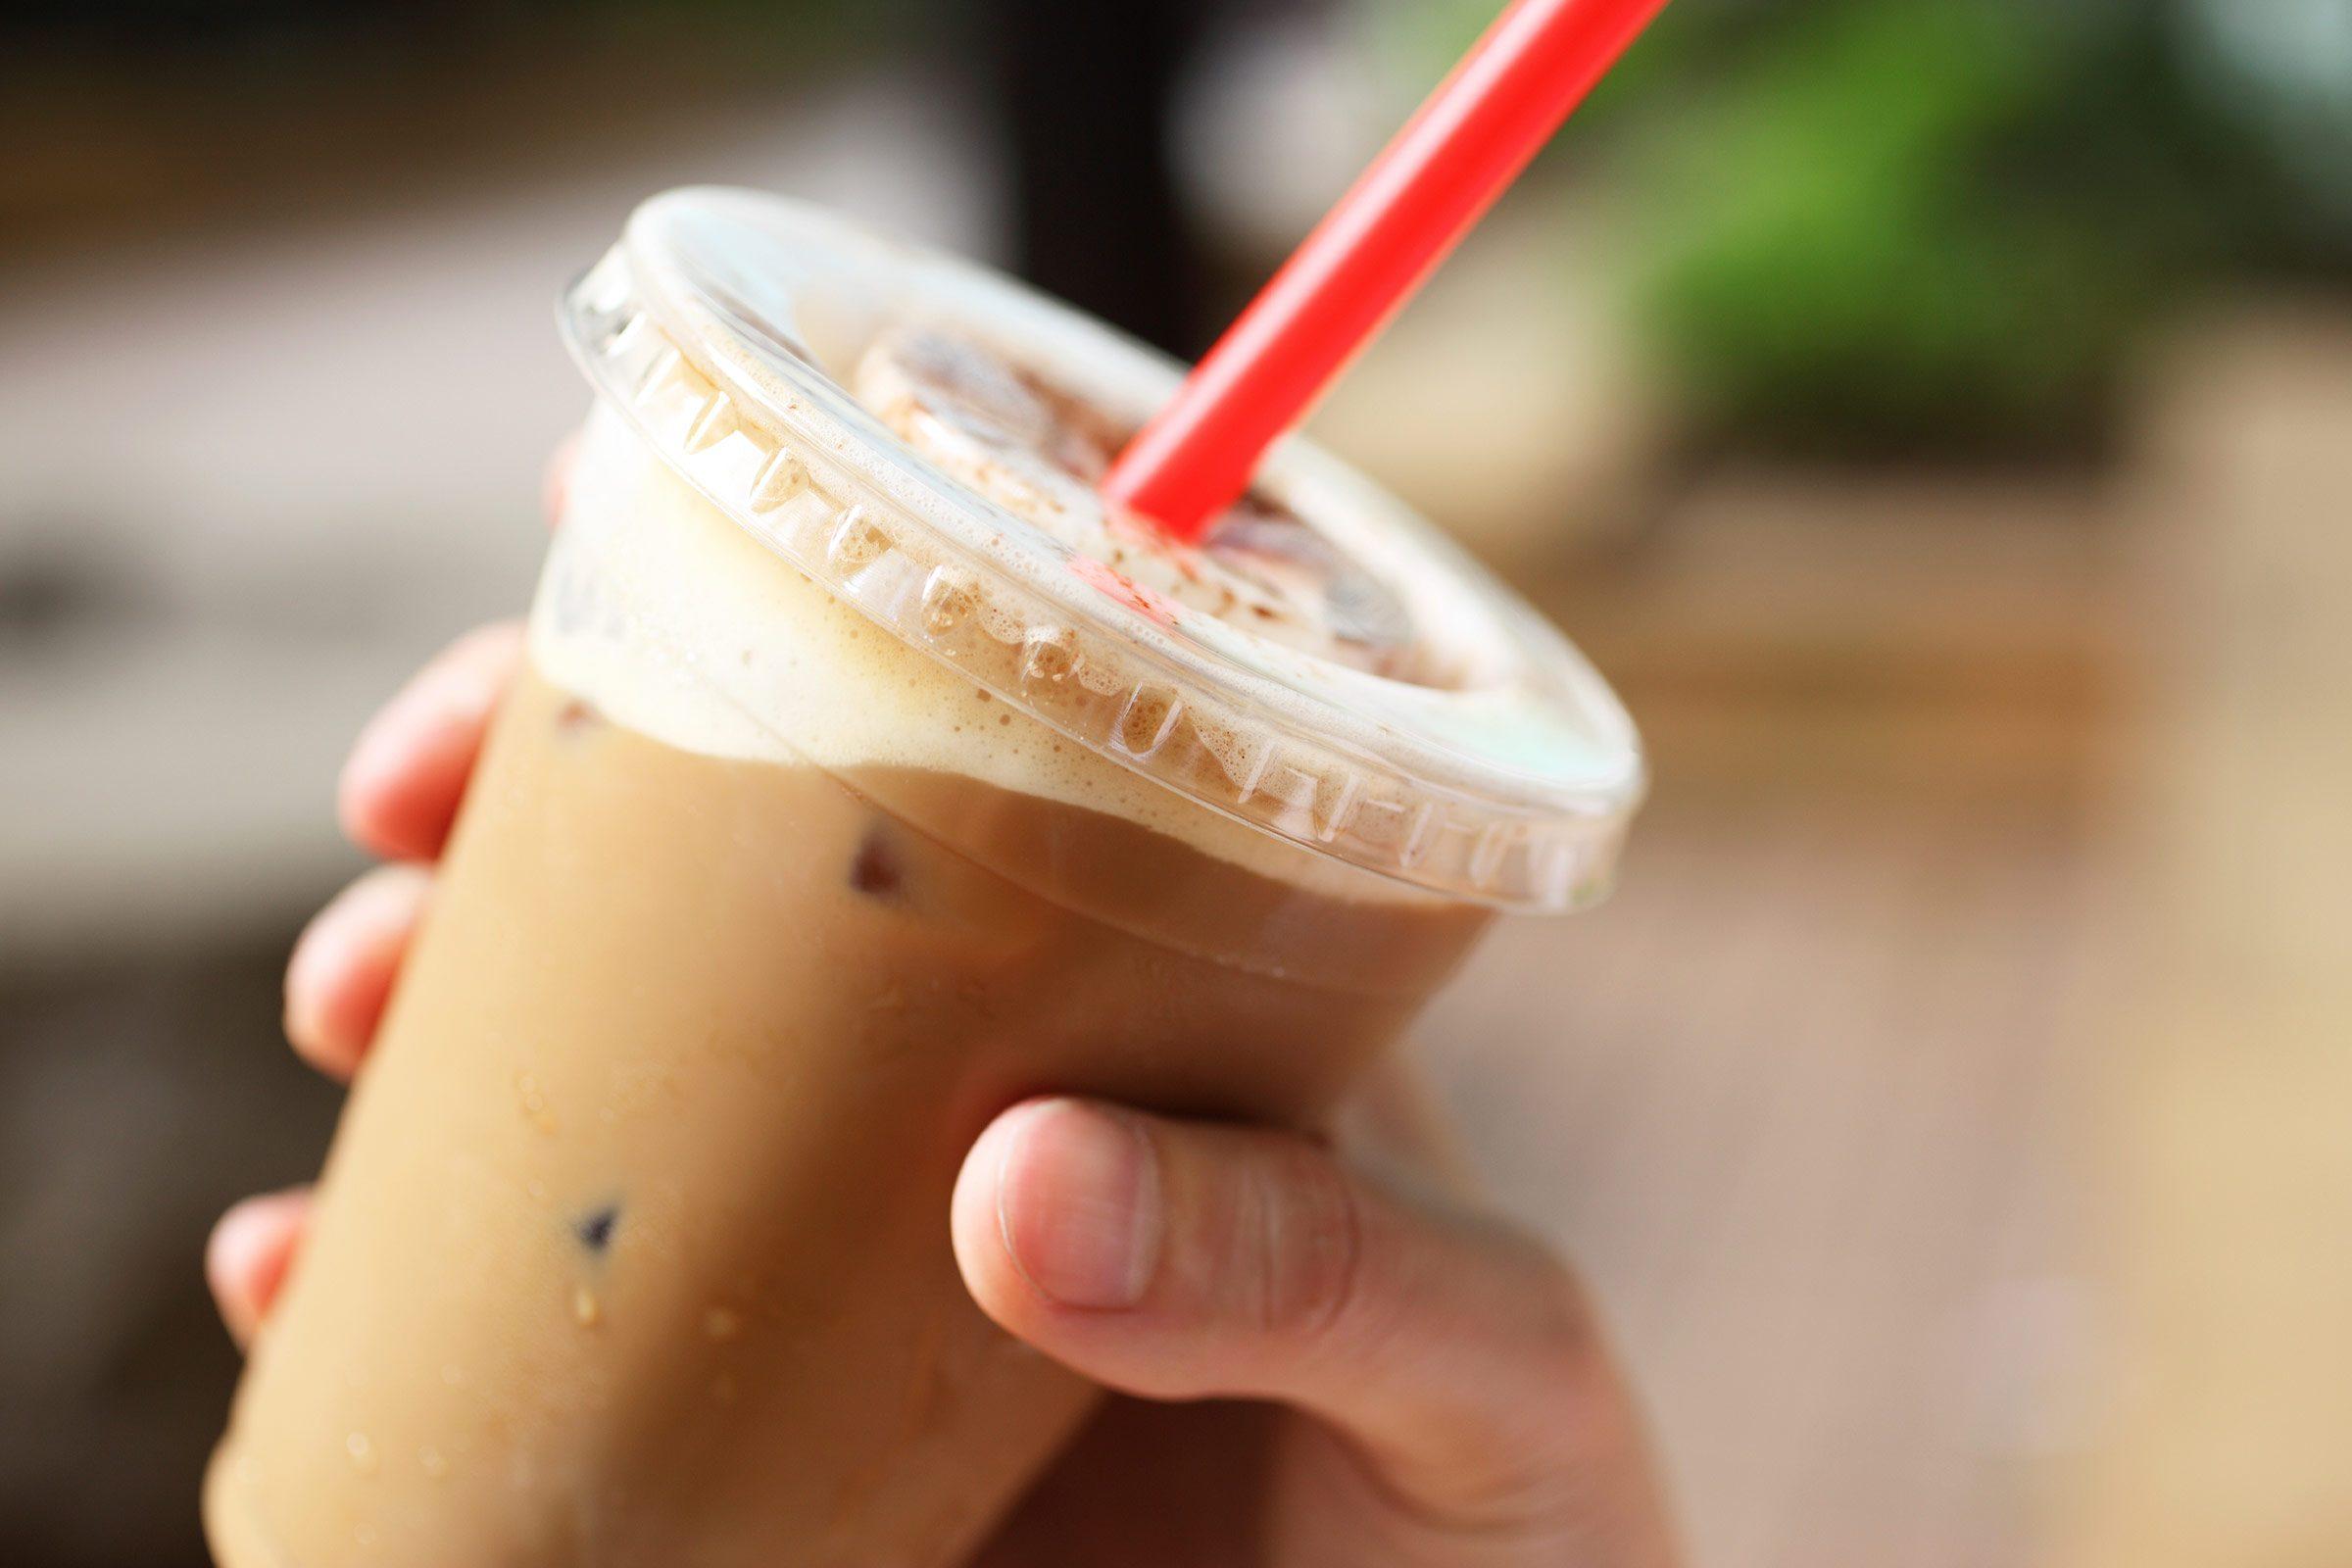 هل فعلا شاربي القهوة أقل عرضة للإصابة بداء السكري من النوع 2؟